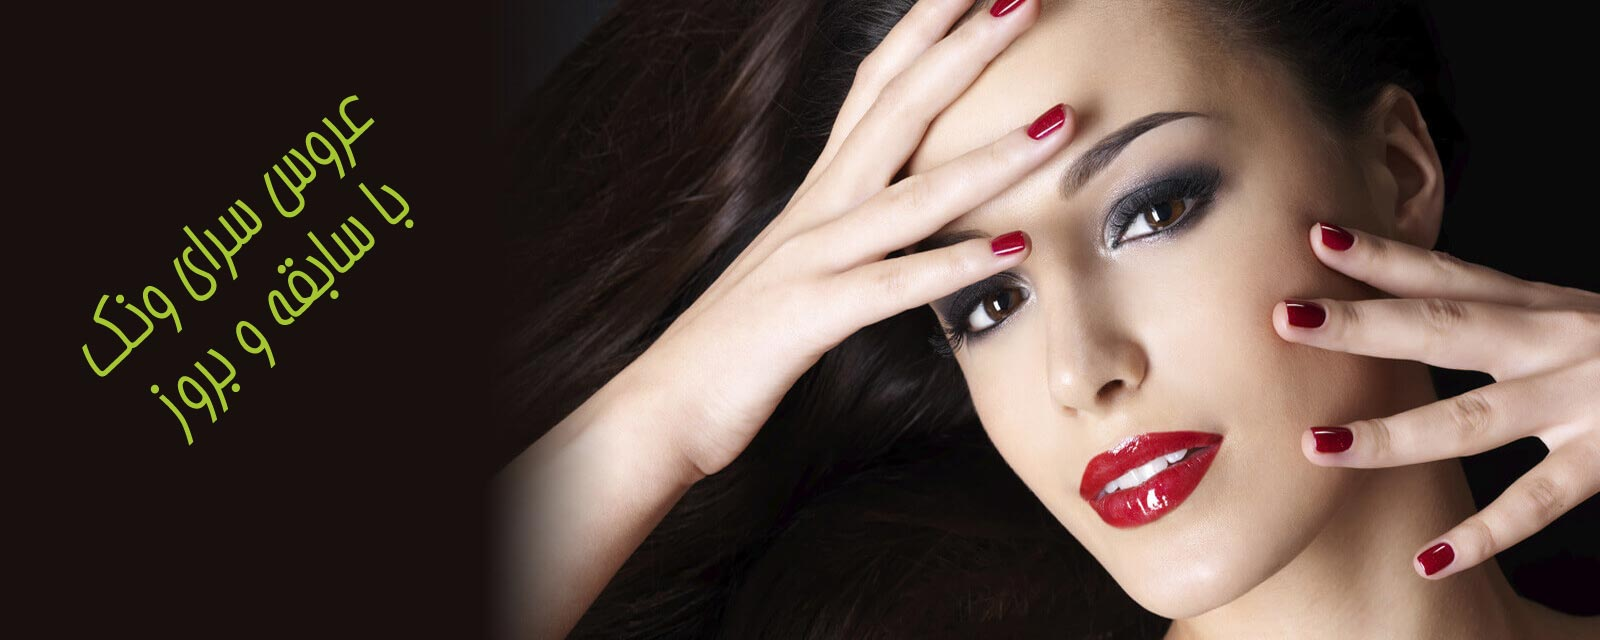 عکس آرایش صورت زنانه - عروس سرای ونک